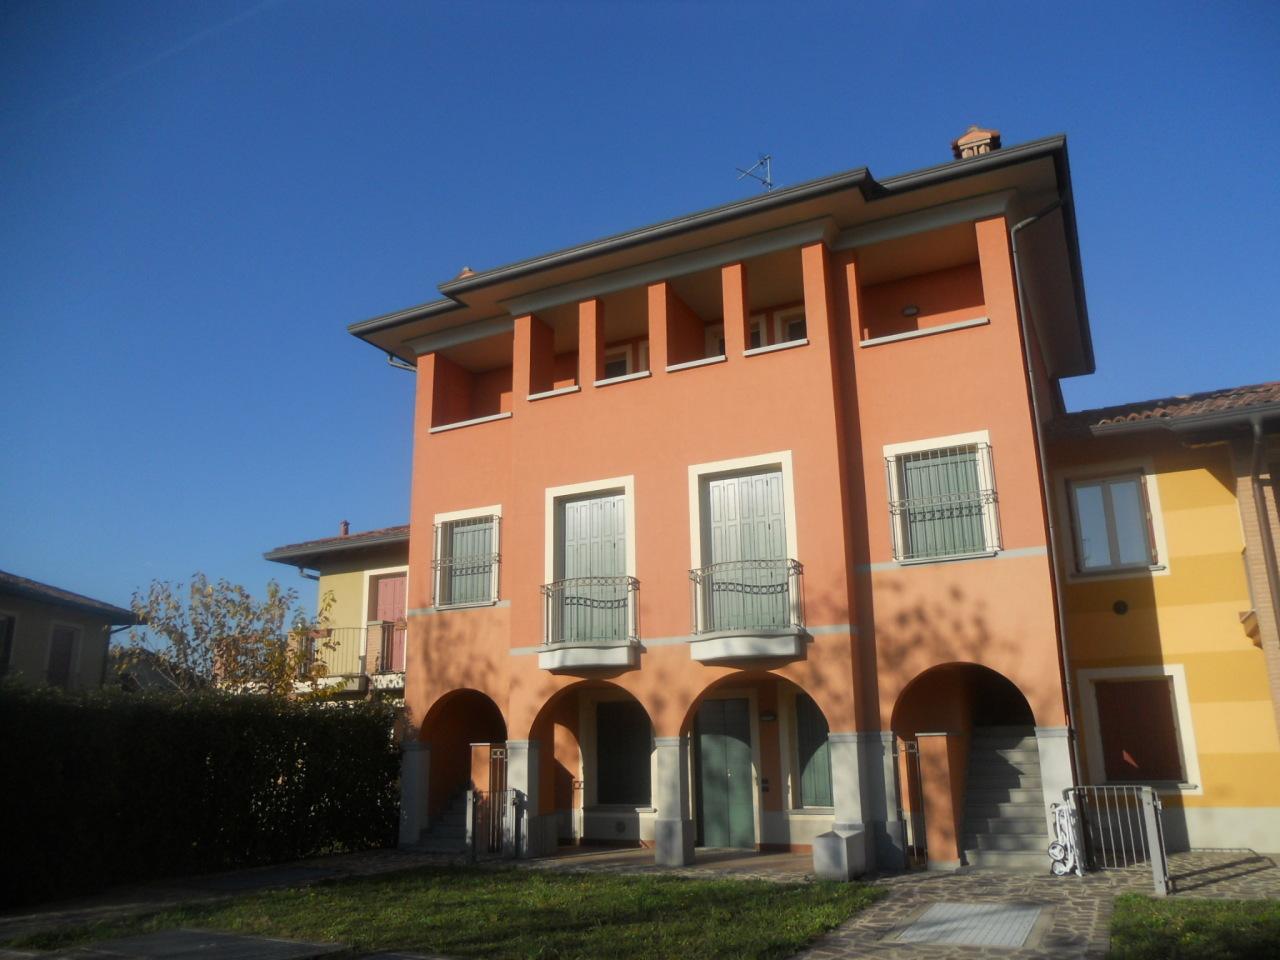 Appartamento in vendita a Chiari, 4 locali, prezzo € 135.581 | Cambio Casa.it